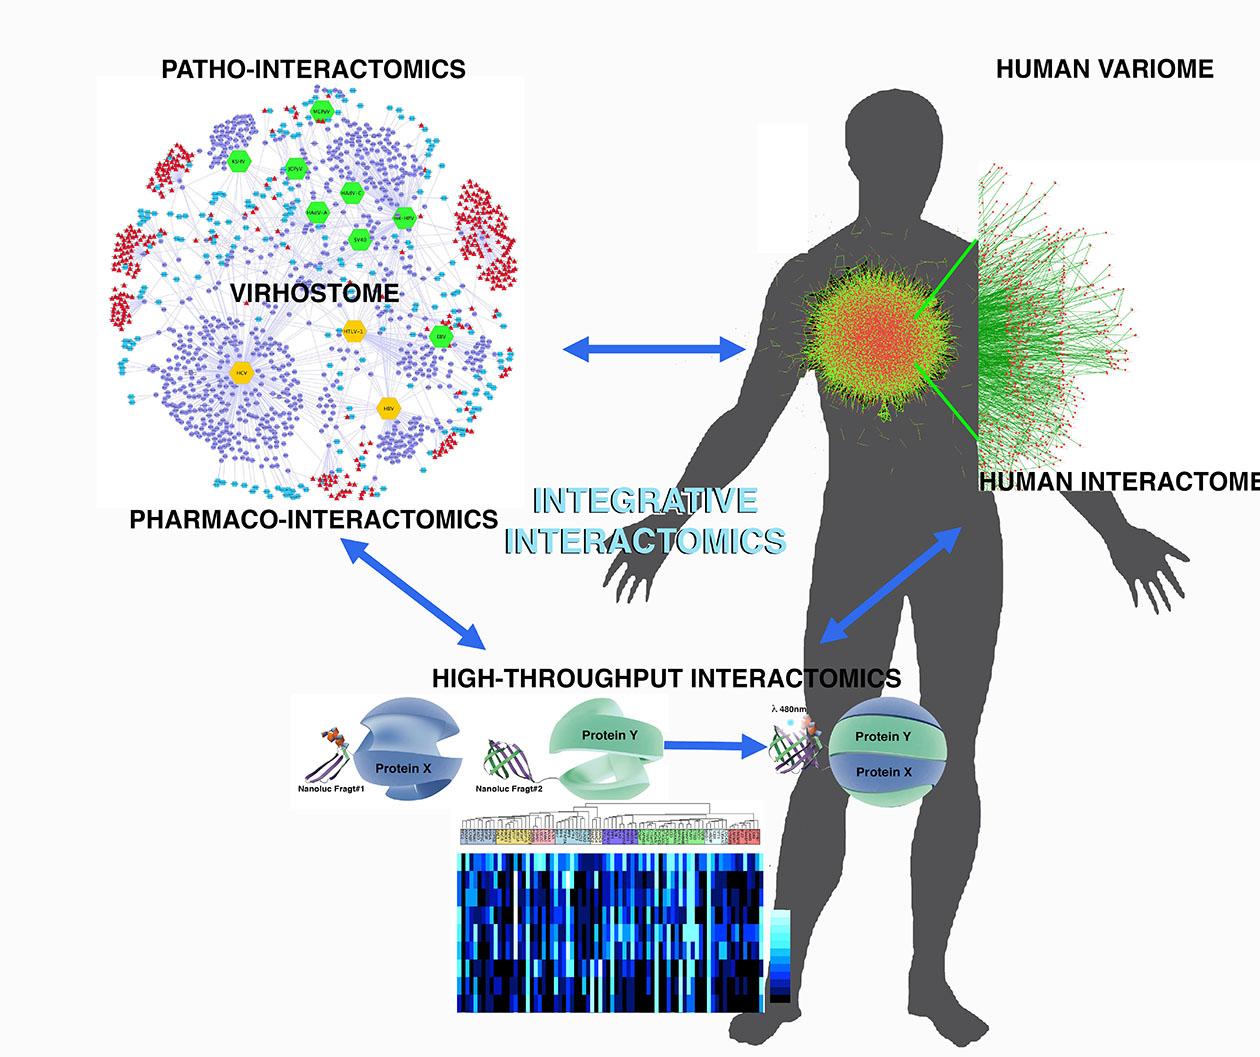 integrative-interactomics